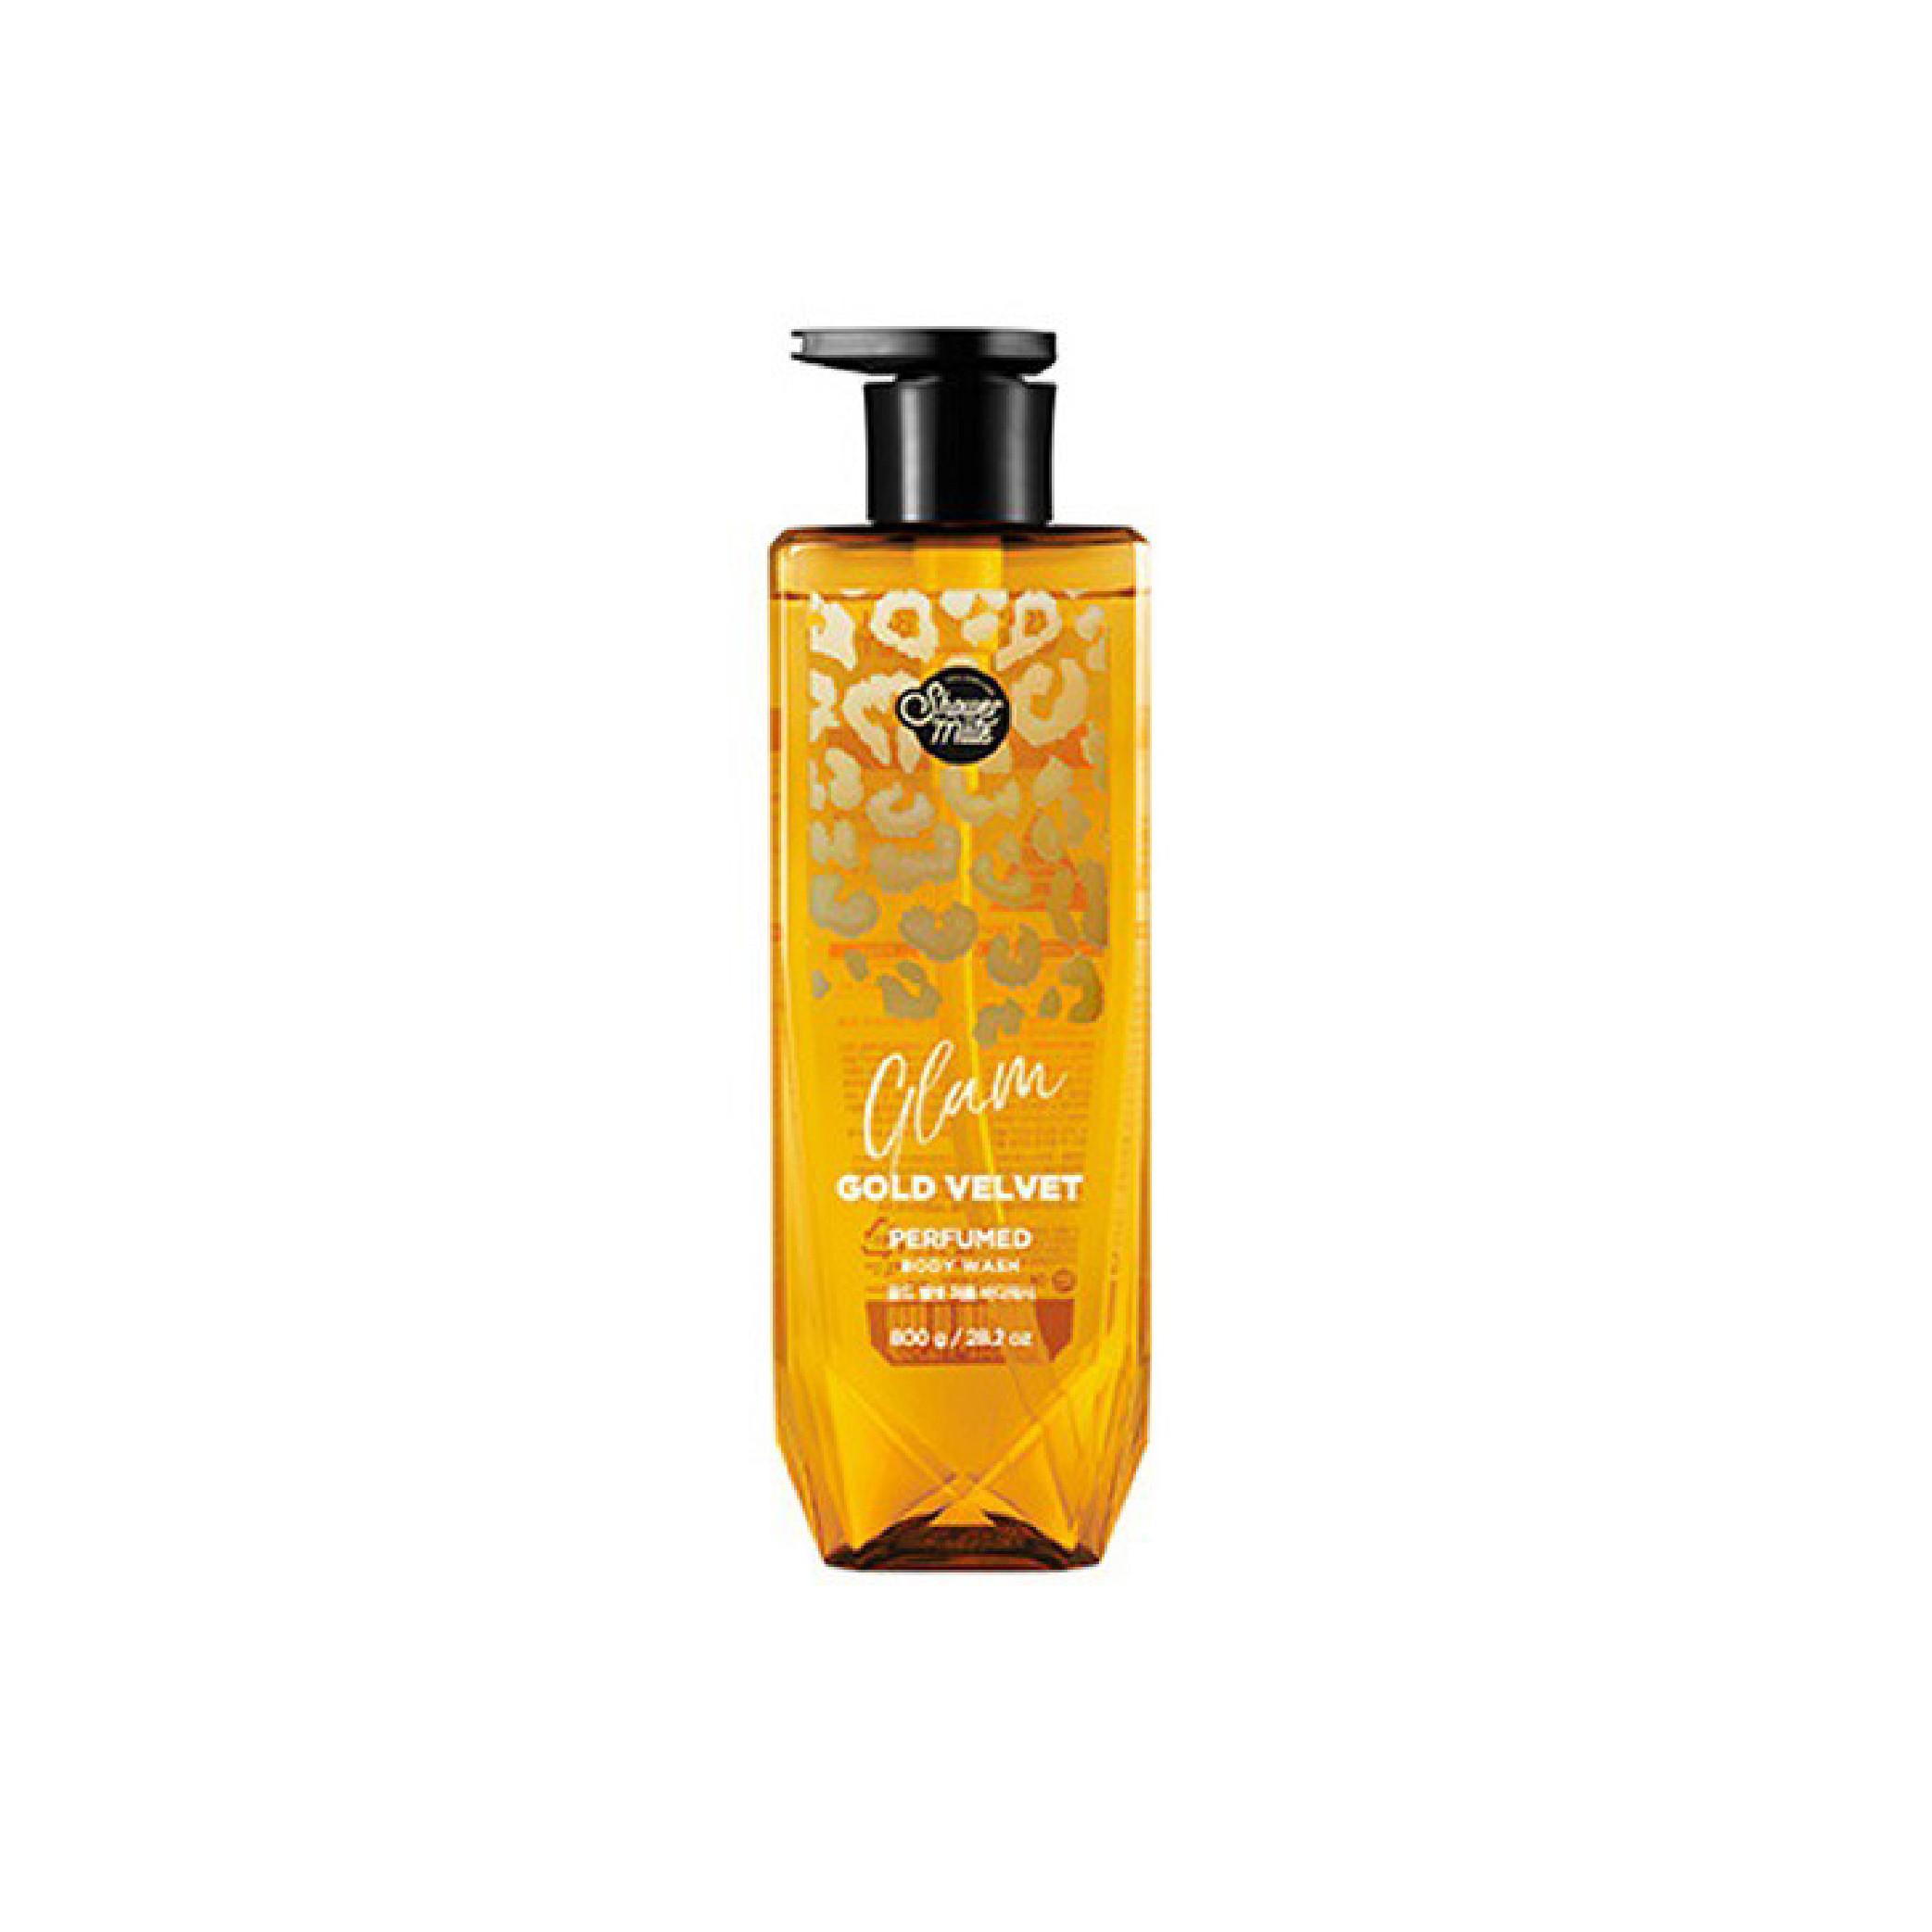 Sữa tắm nước hoa cao cấp dưỡng ẩm, giúp da trắng mịn, mềm mại, ngăn ngừa lão hóa và mụn cám SHOWERMATE GLAM GOLD VELVET 800g - Hàn Quốc Chính Hãng